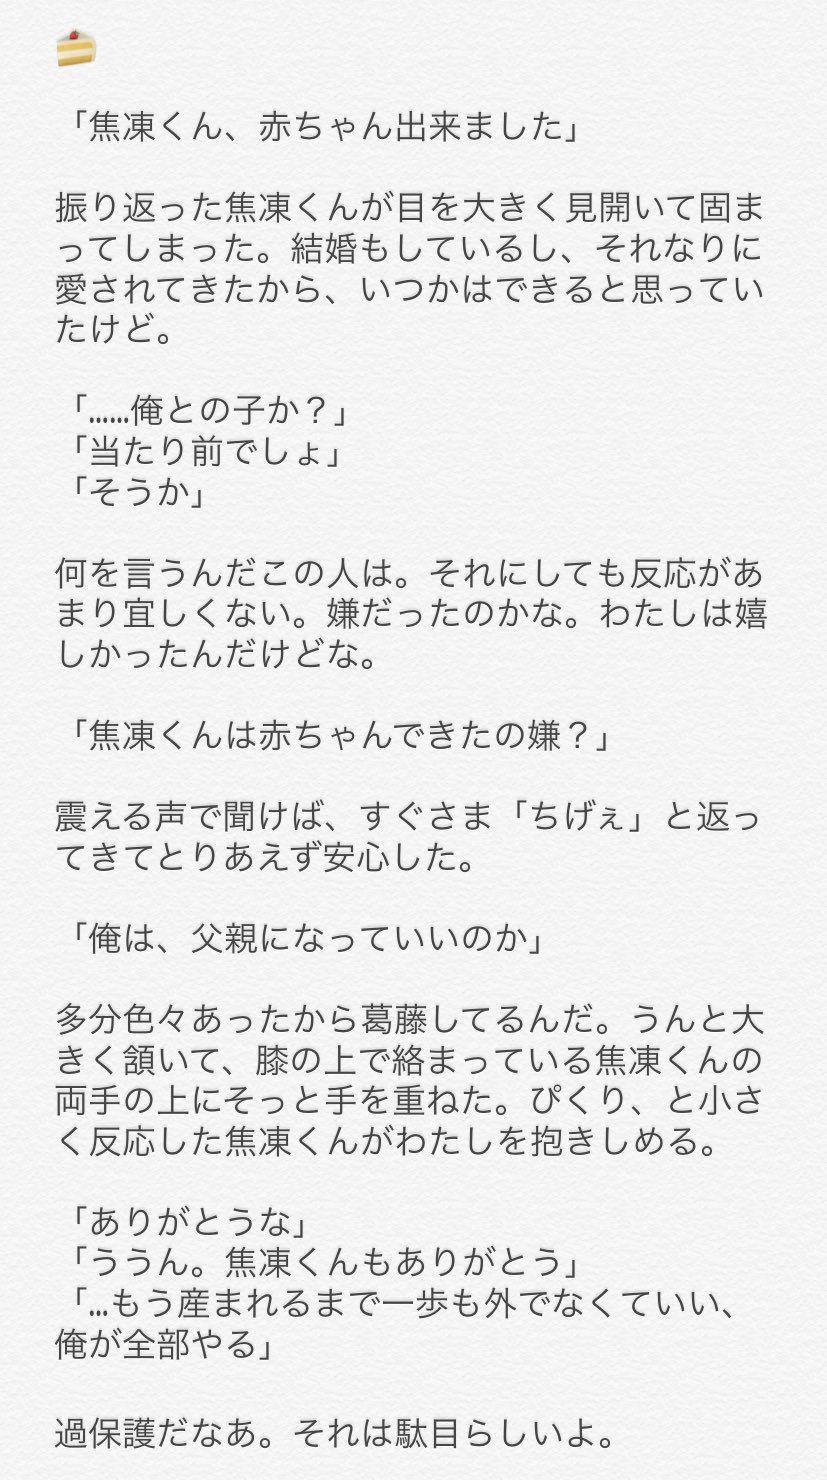 ヒロアカ 夢 小説 轟 「轟焦凍」の検索結果(キーワード)